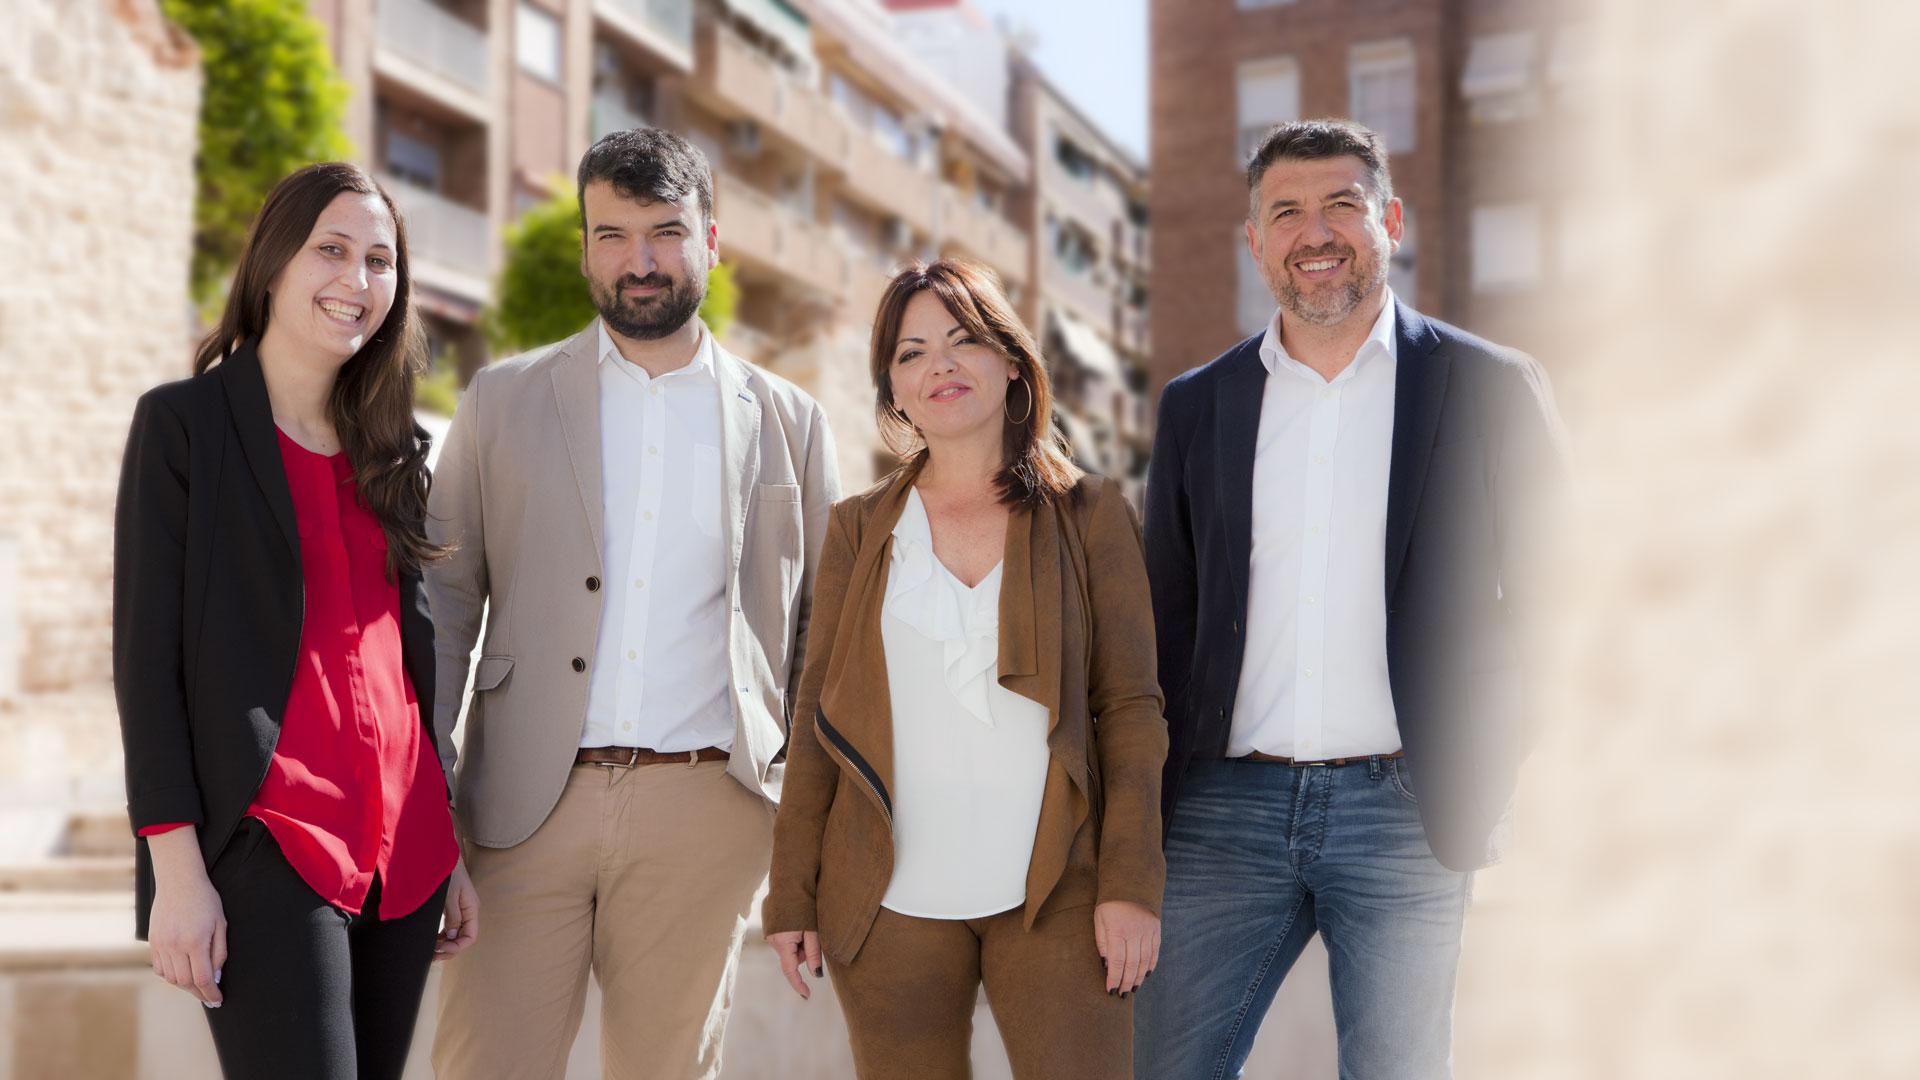 equipo Ciencasas inmobiliaria en Paiporta en la plaza del pueblo